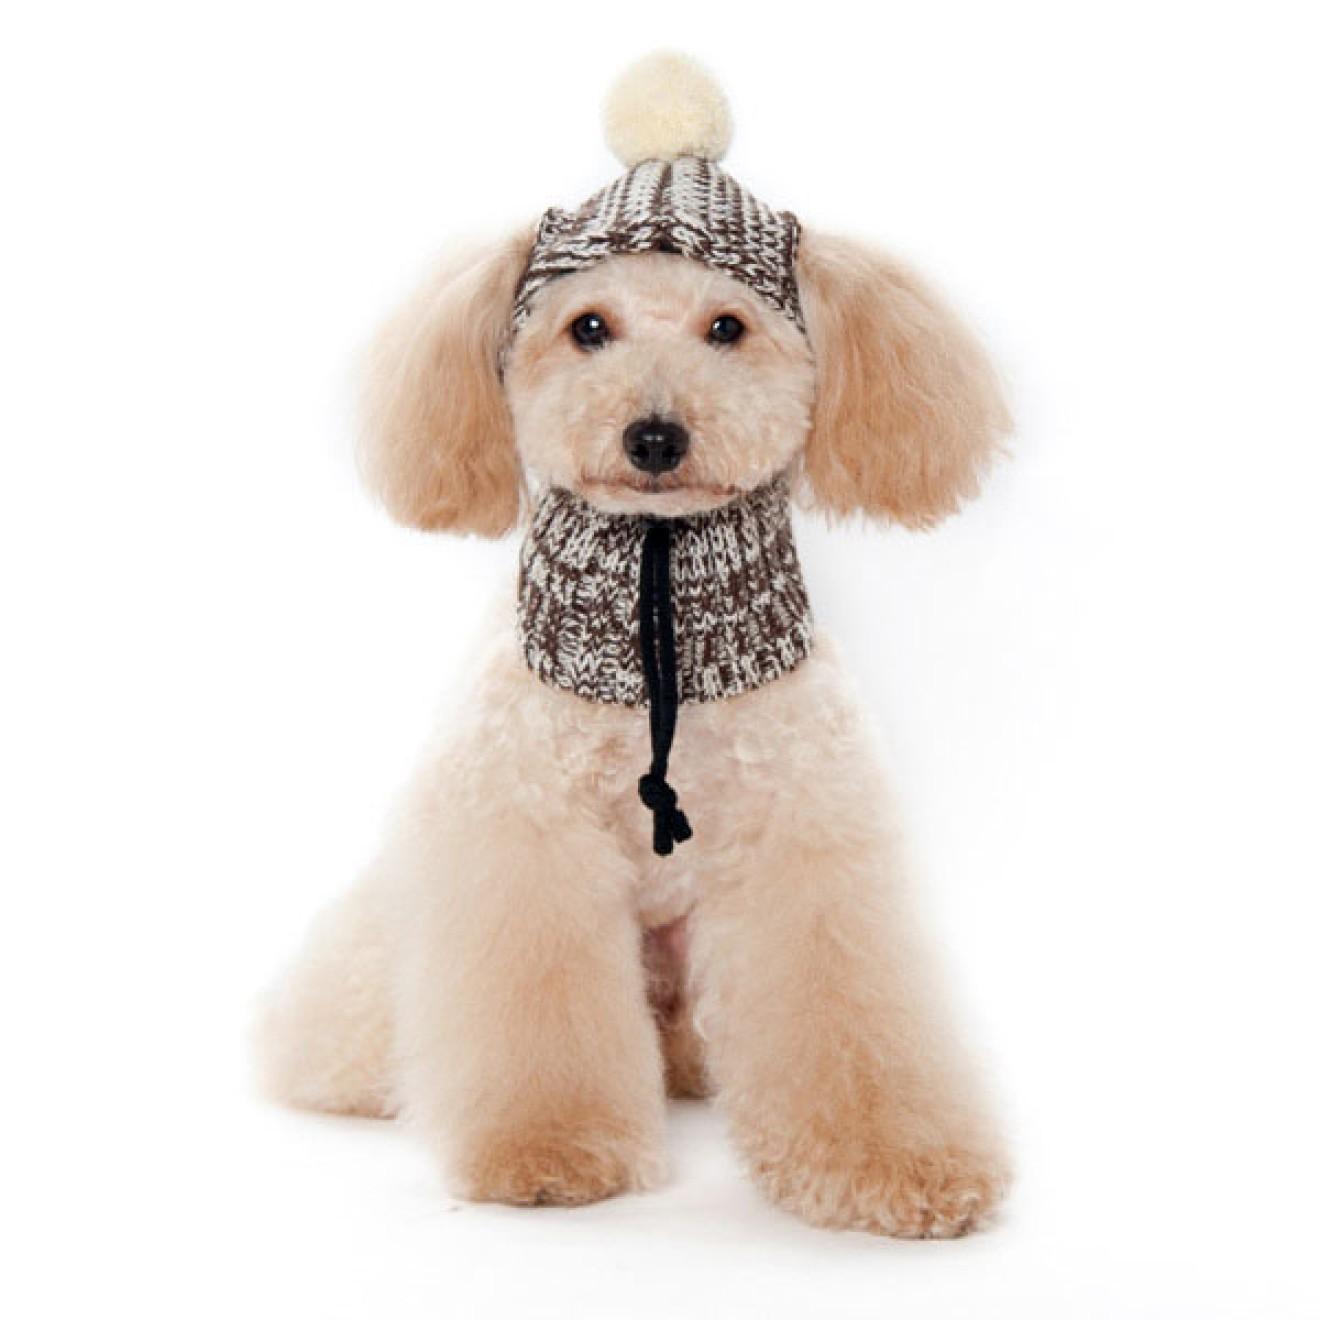 Strick-Hundemütze mit Schal in 6 Grössen, Mütze für Hunde, Hundeschal